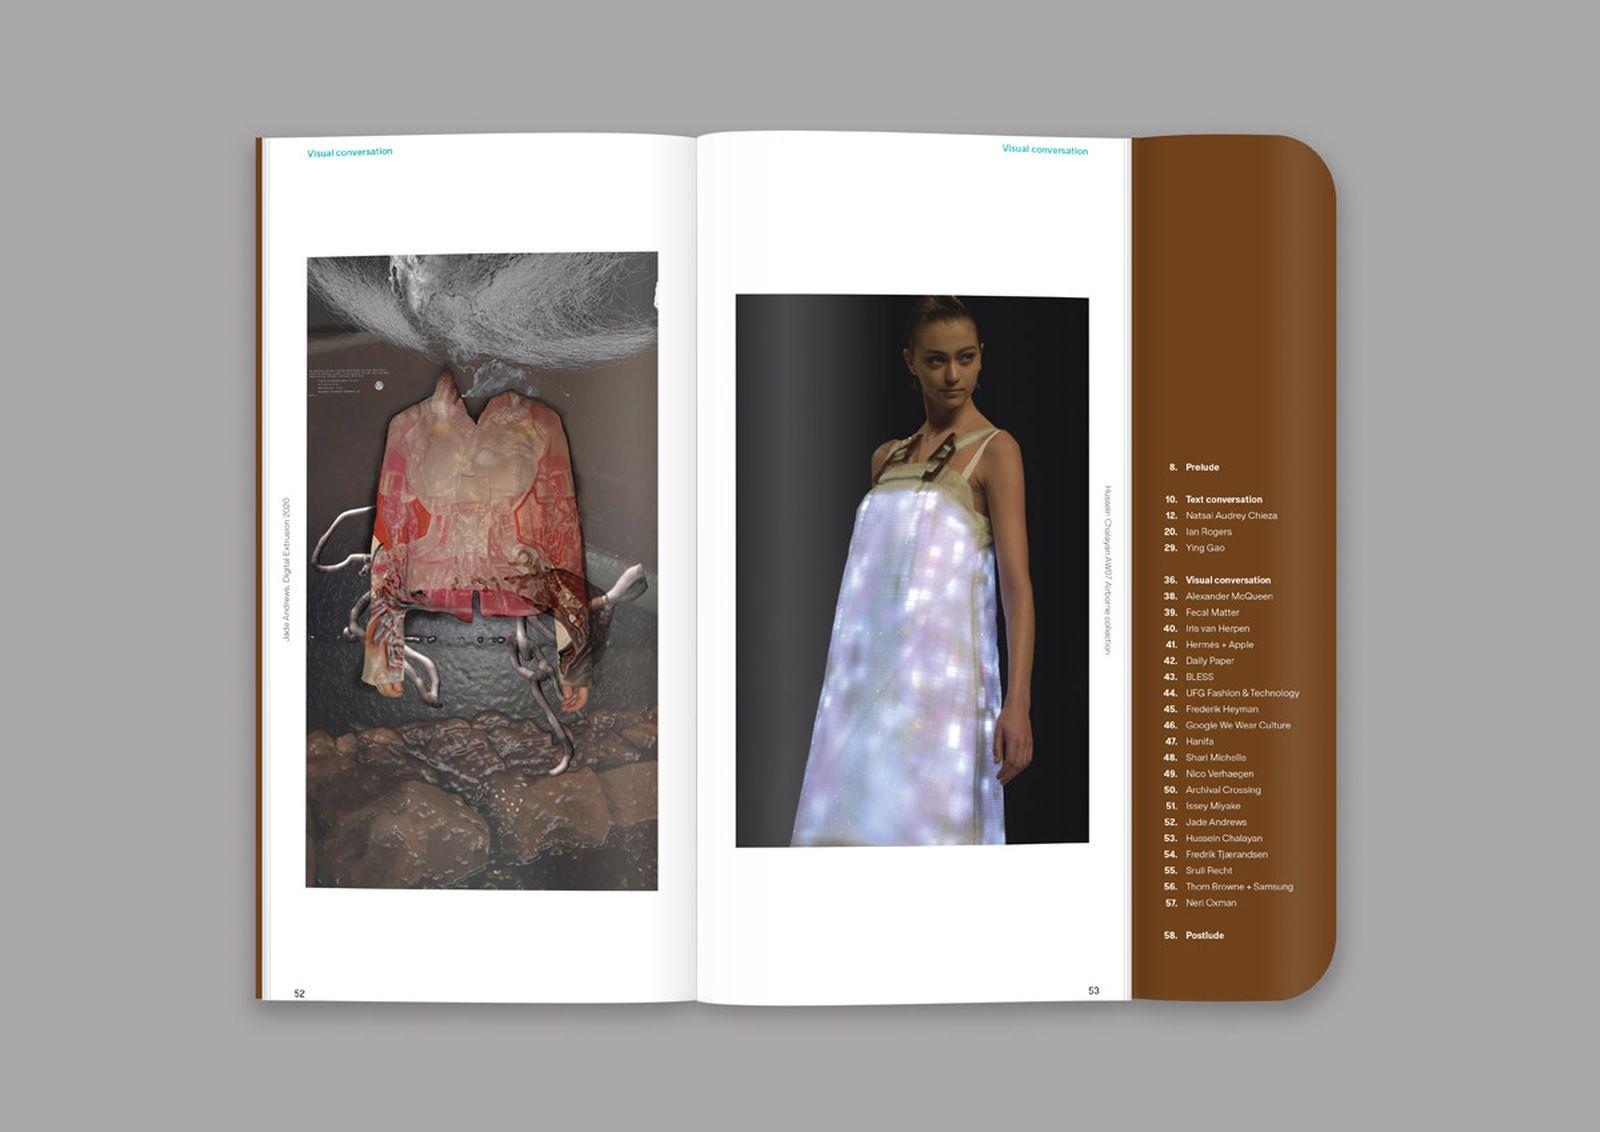 natsai-audrey-chieza-interview-excerpt-15